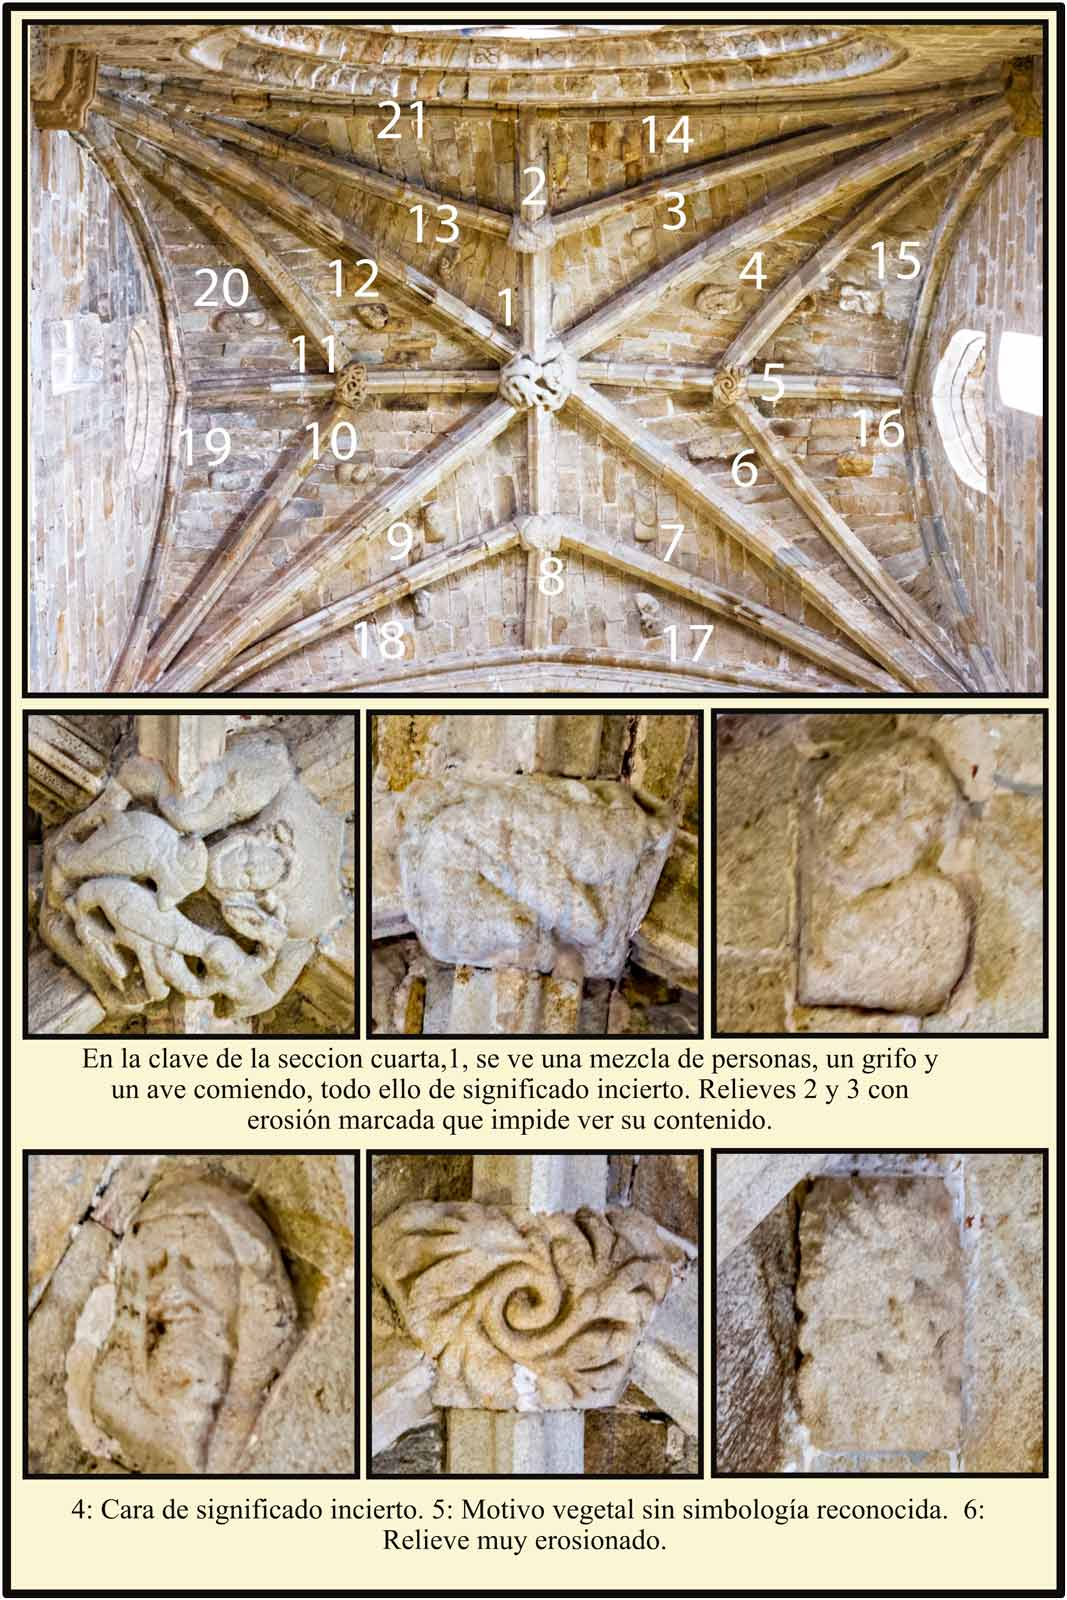 simbolos del romanico en los relieves de las bovedas de la Catedral Vieja de Plasencia